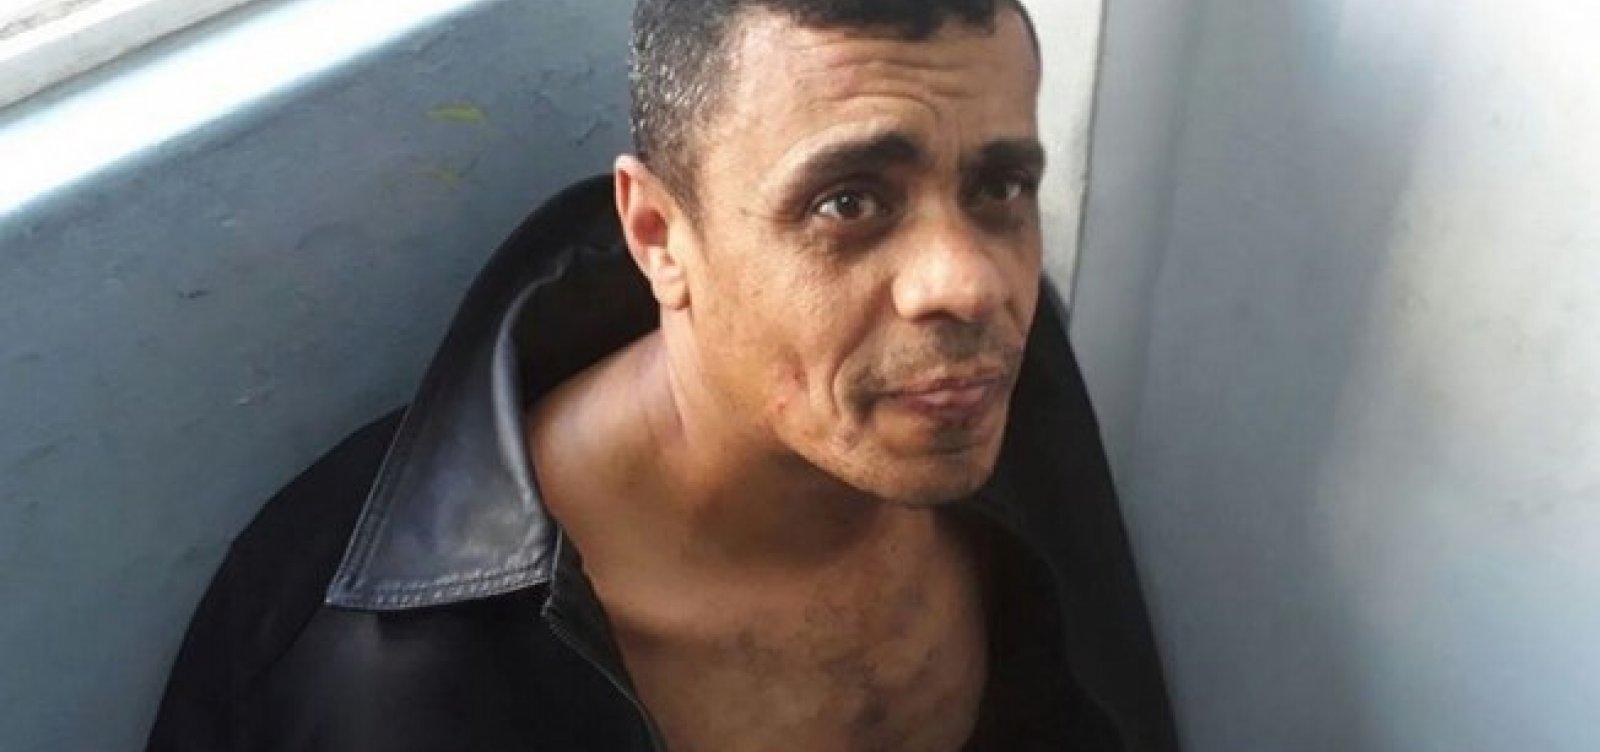 [Autor de facada em Bolsonaro diz que matar o presidente é sua 'missão']